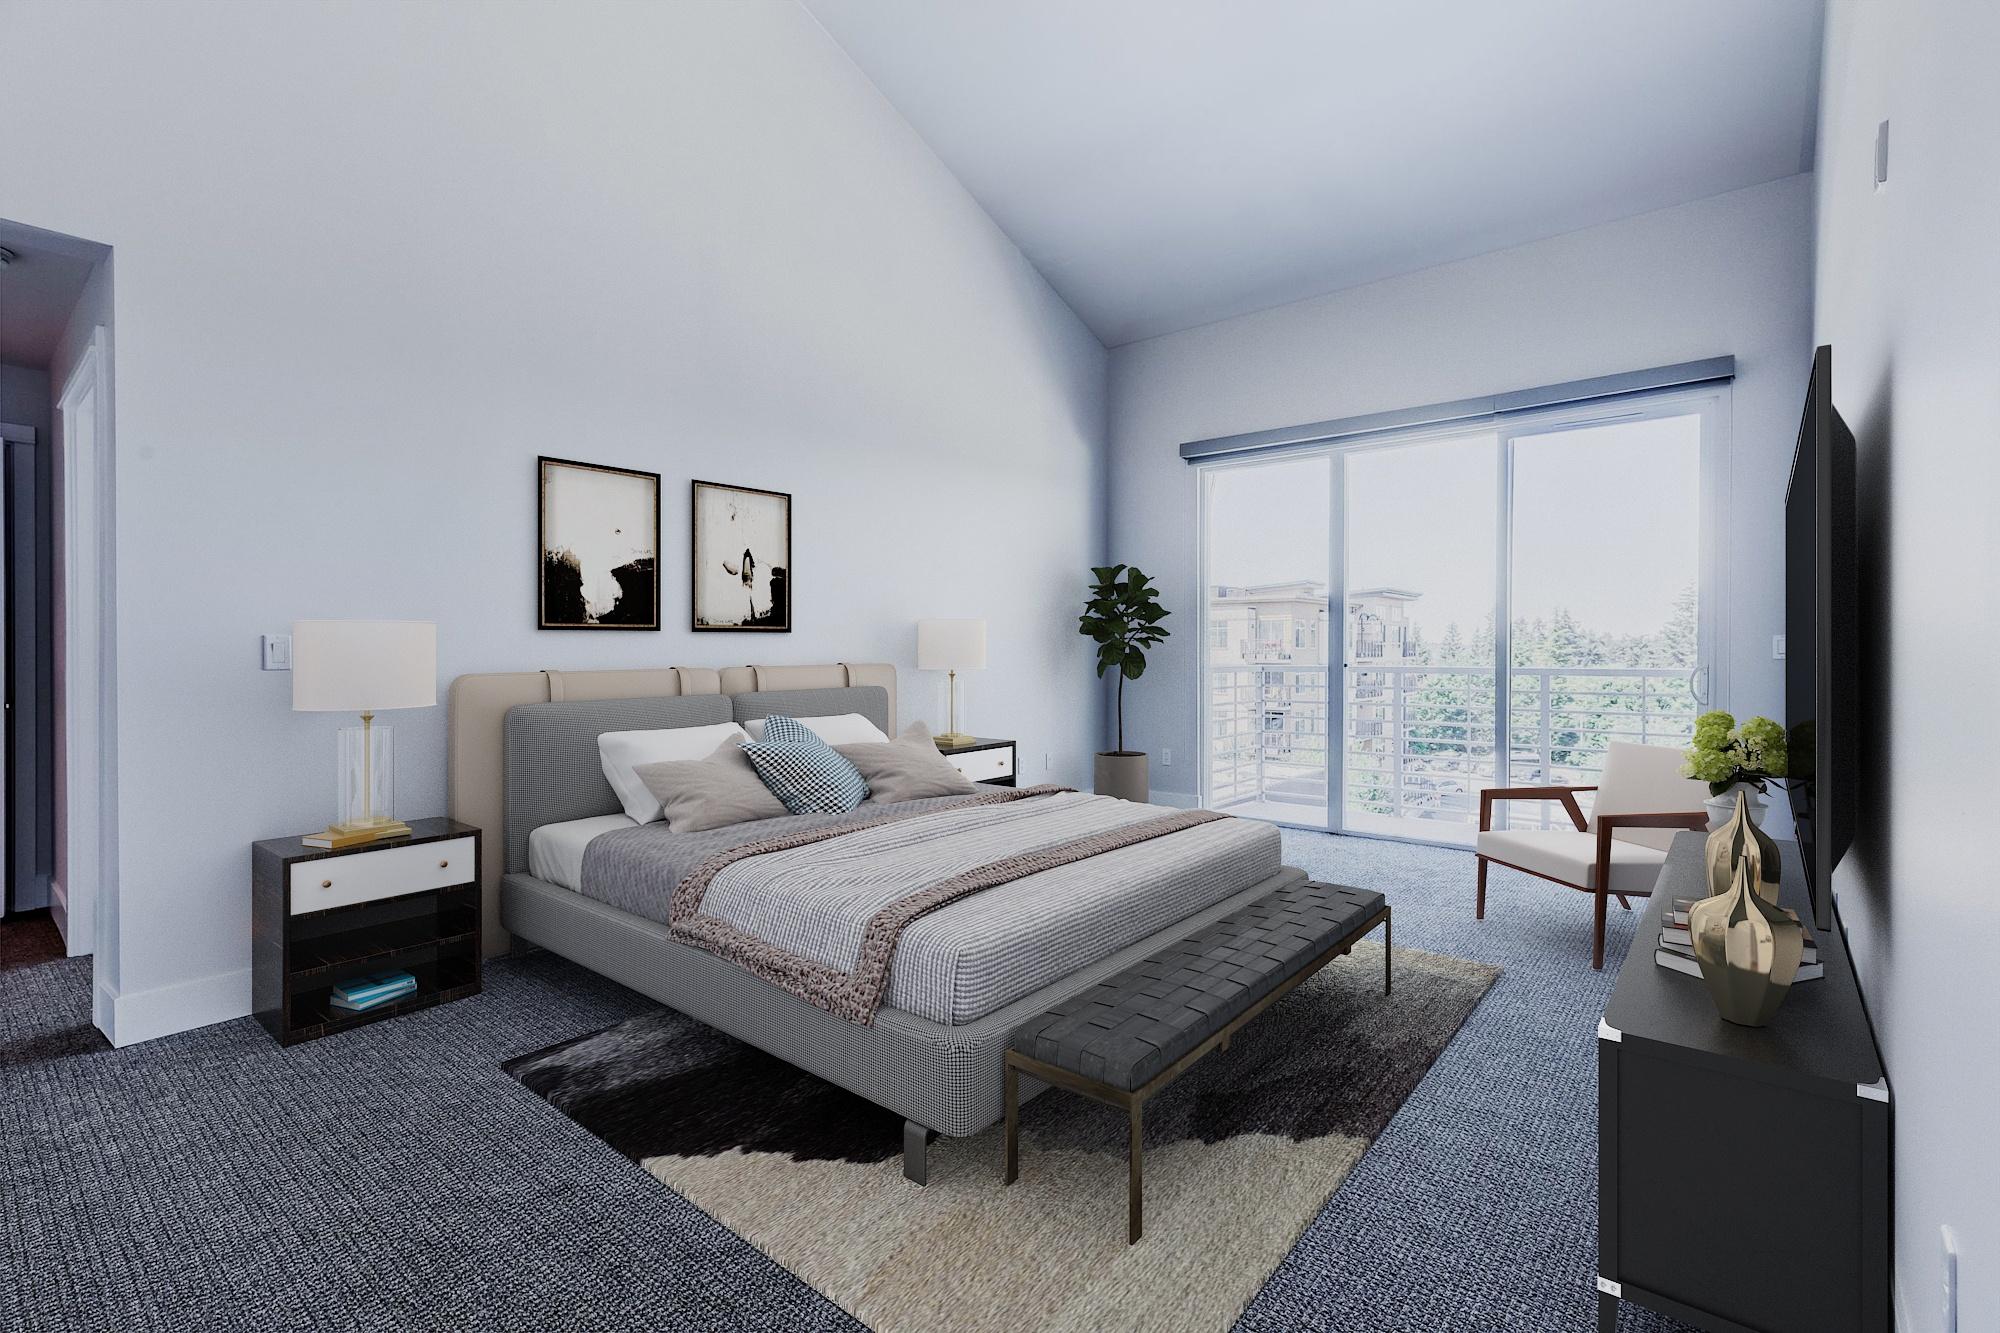 The Mercer Model Bedroom